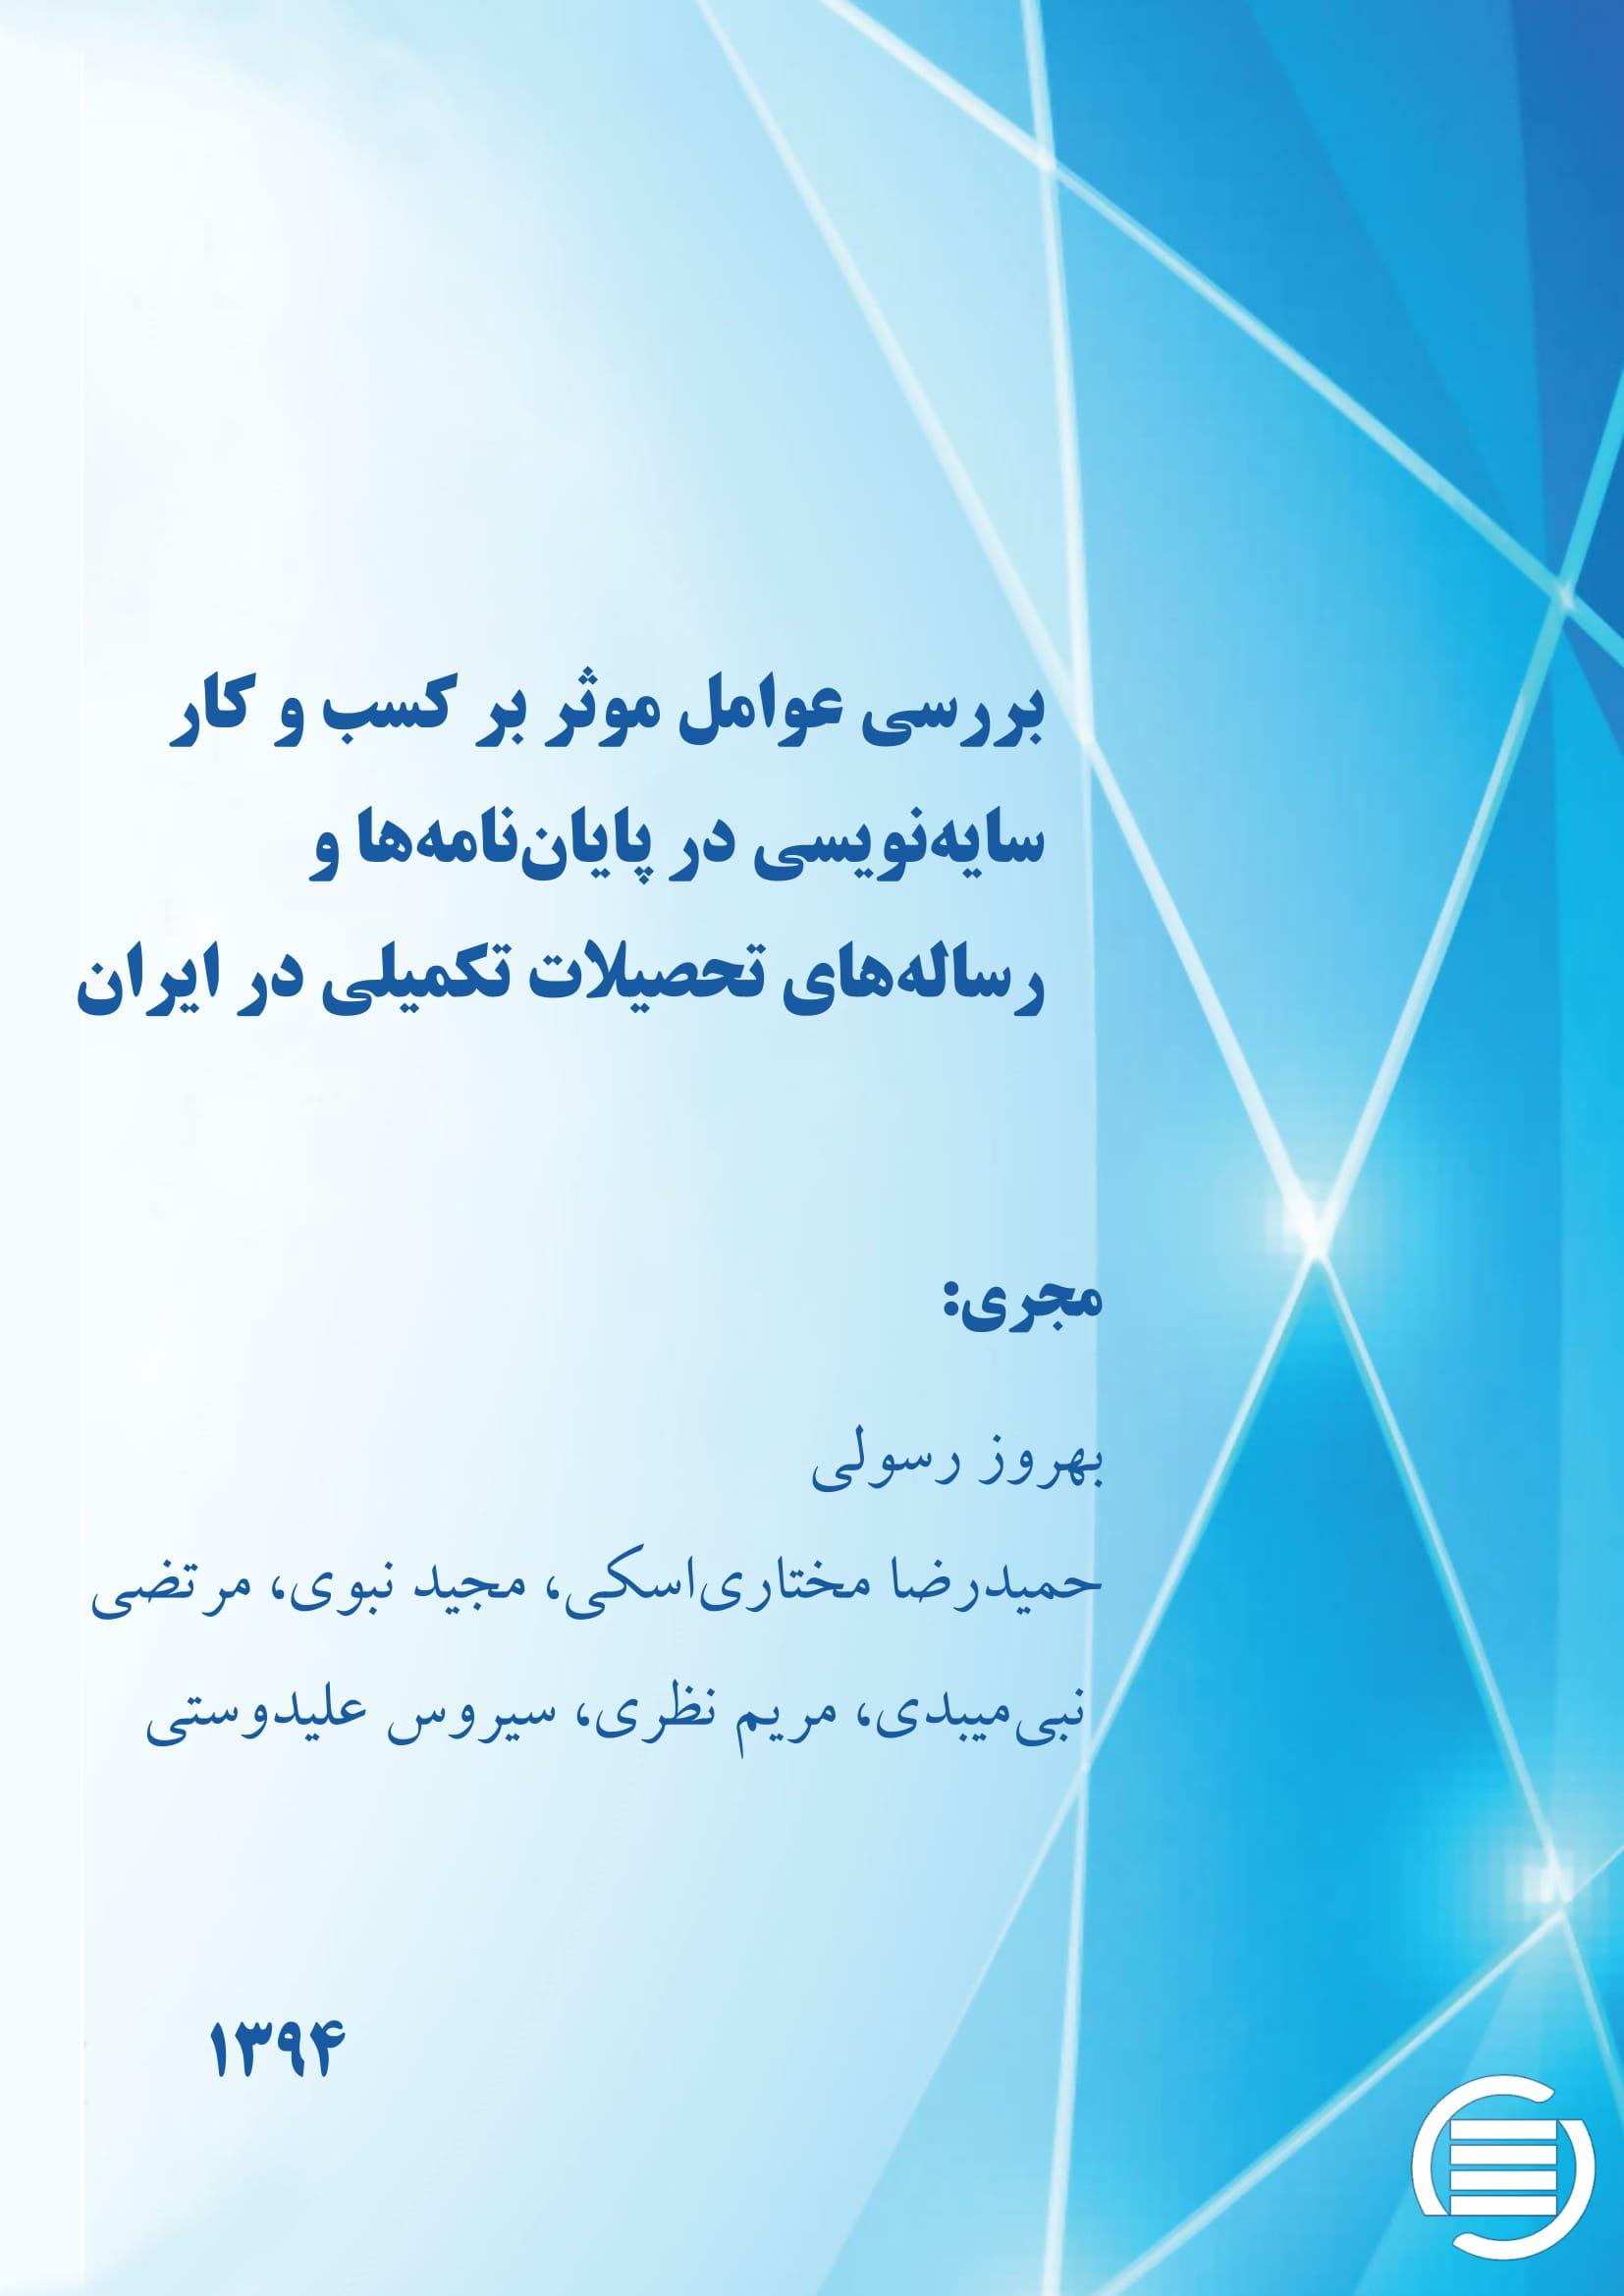 بررسی عوامل موثر بر کسب و کار سایهنویسی در پایاننامهها و رسالههای تحصیلات تکمیلی در ایران